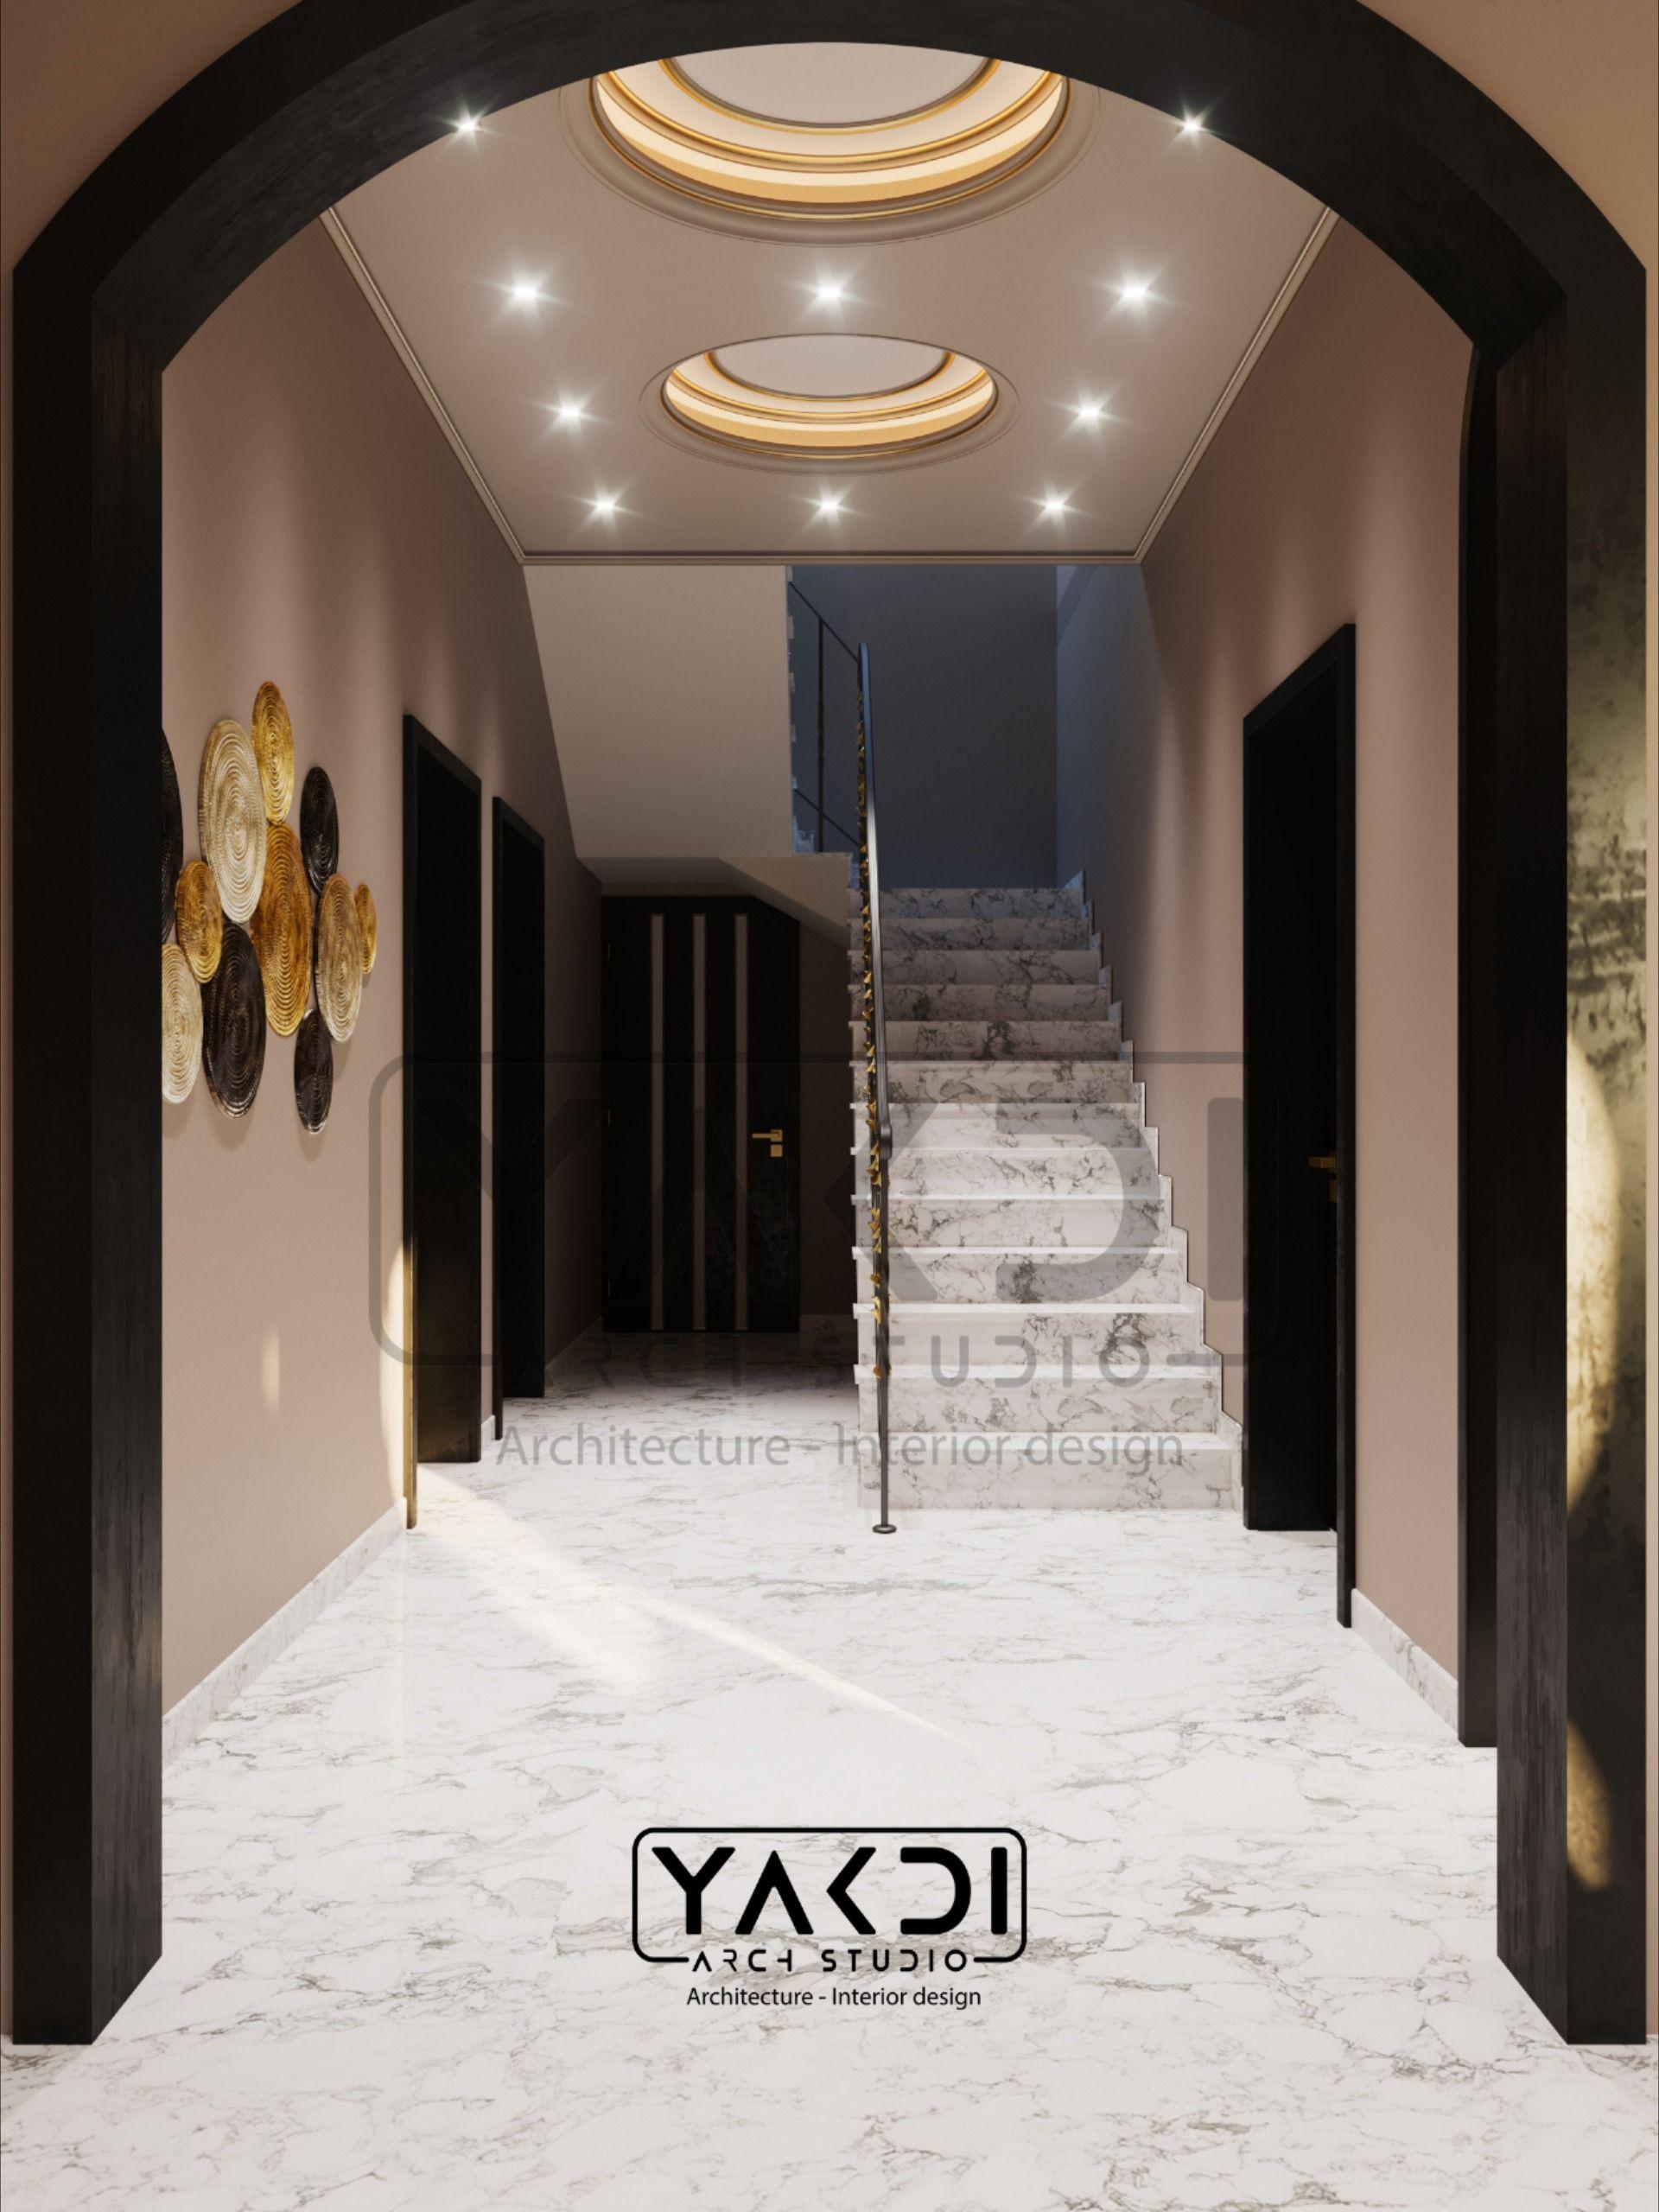 Corridor Stairs درج Interior Architecture Design Hall Interior Studios Architecture